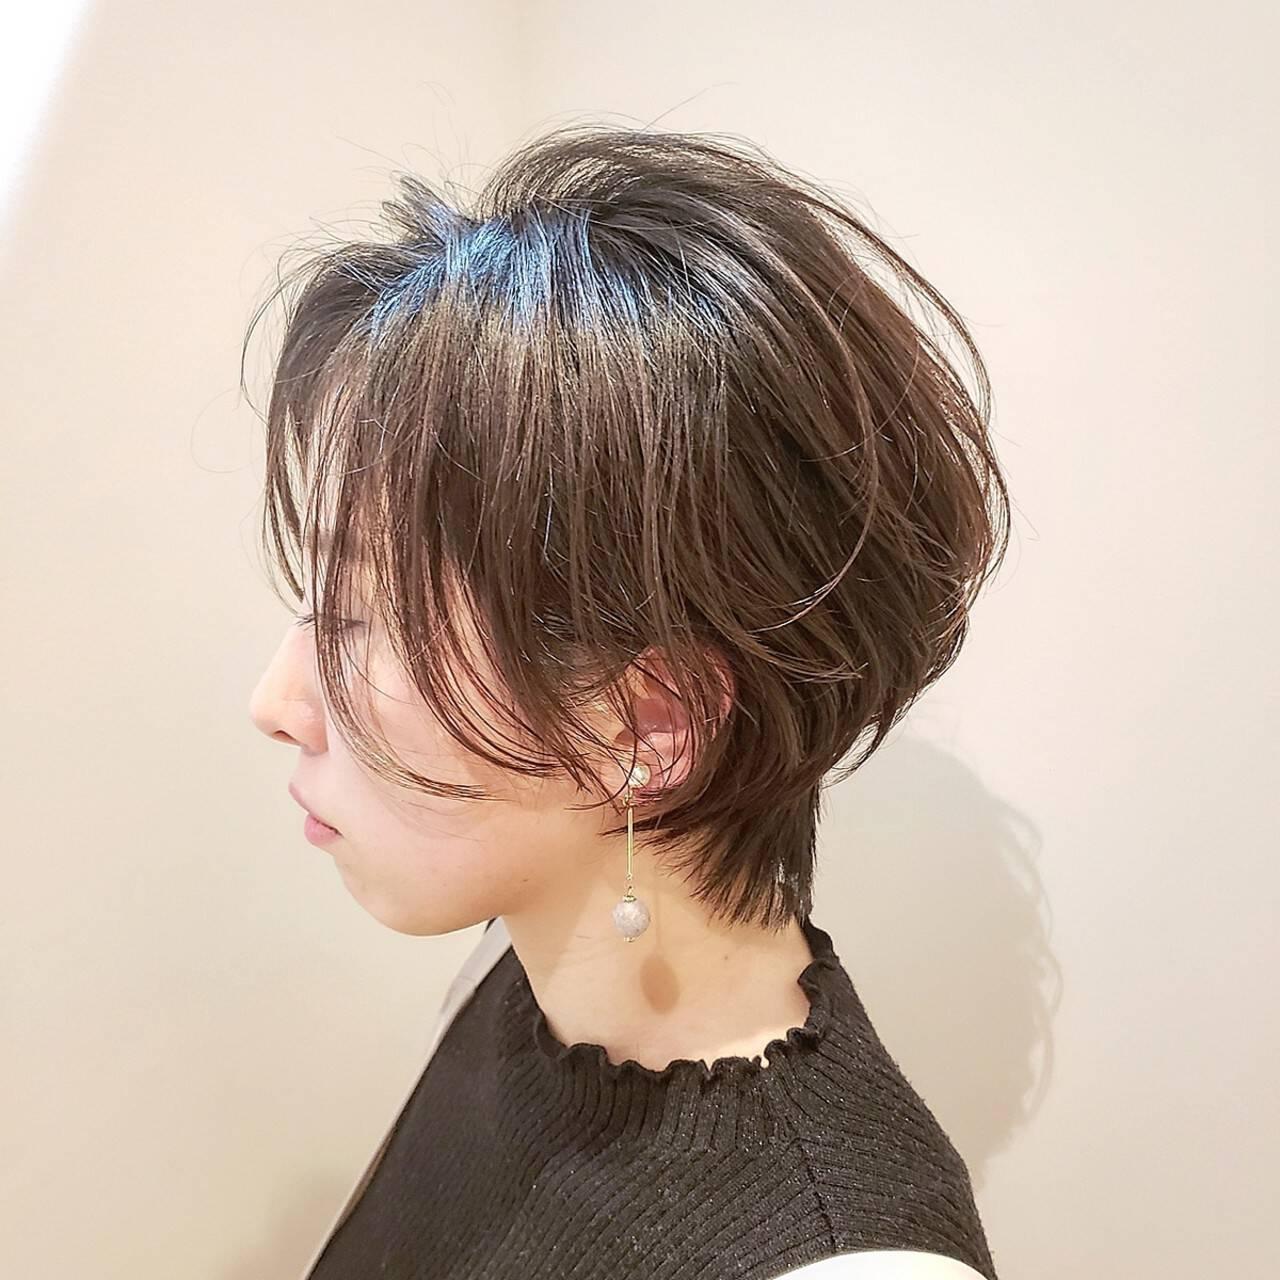 アンニュイほつれヘア パーマ デート 簡単ヘアアレンジヘアスタイルや髪型の写真・画像